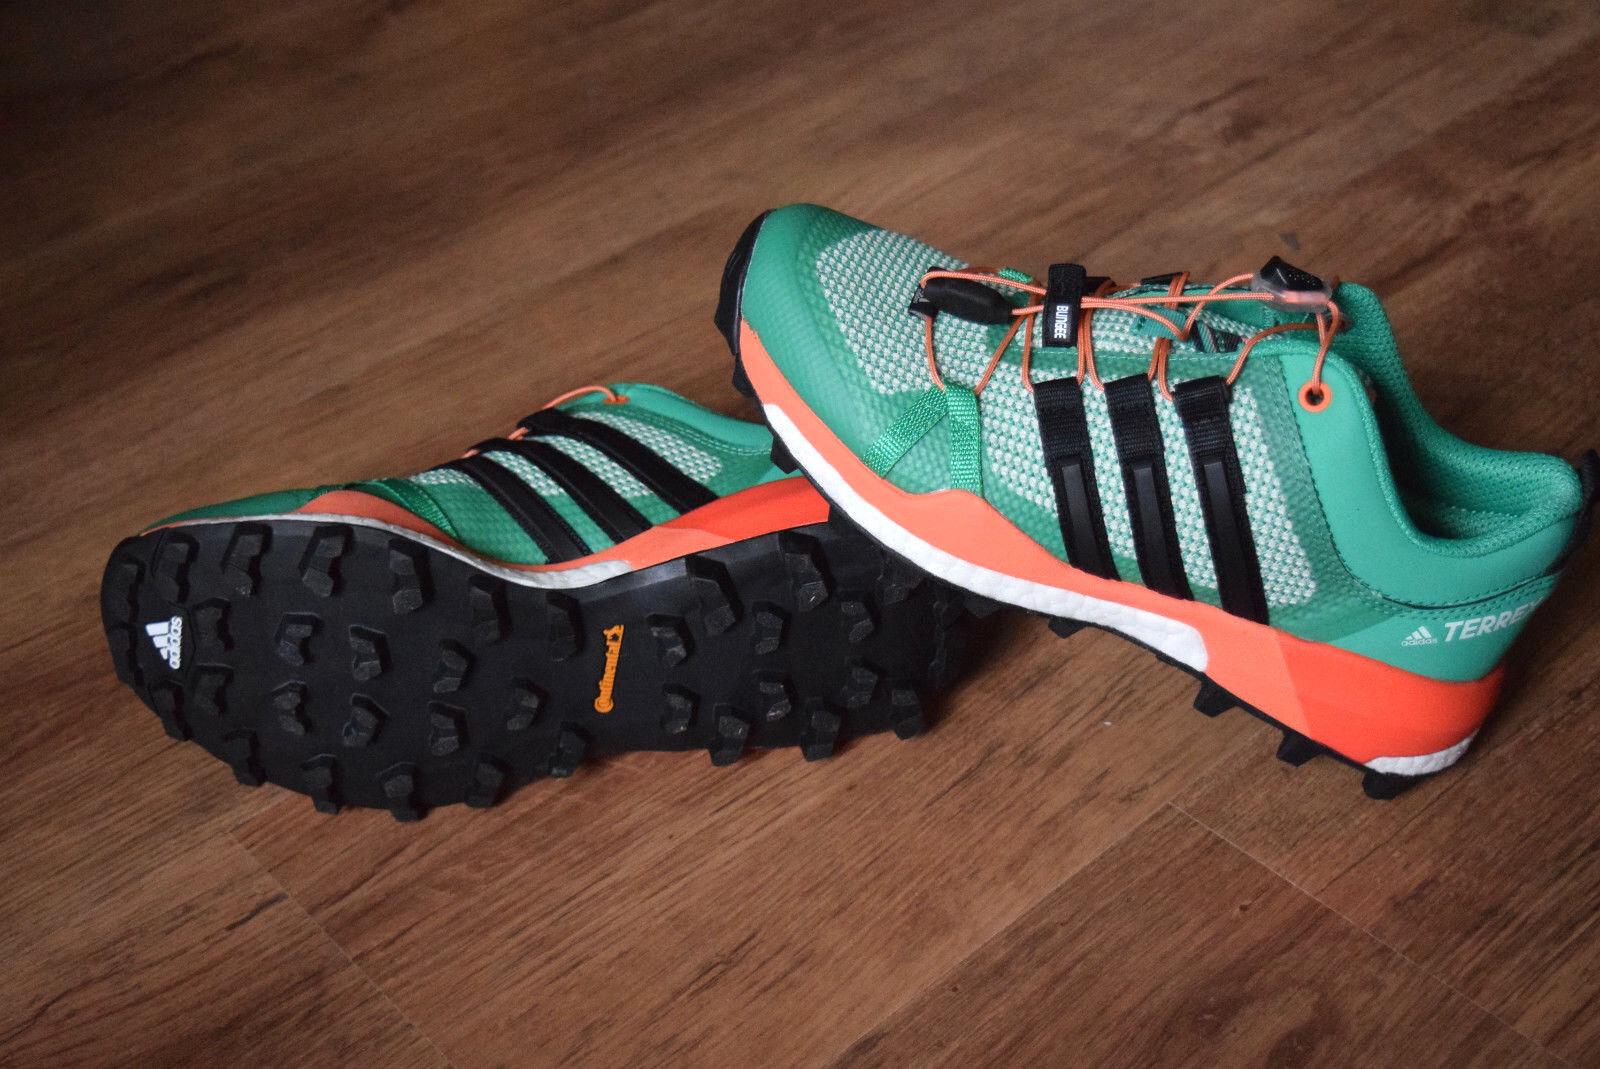 Adidas Terrex Skychaser W 38 38 5 5 5 42 5 BB0946 Trail Laufschuhe Wanderschuhe fast e54556